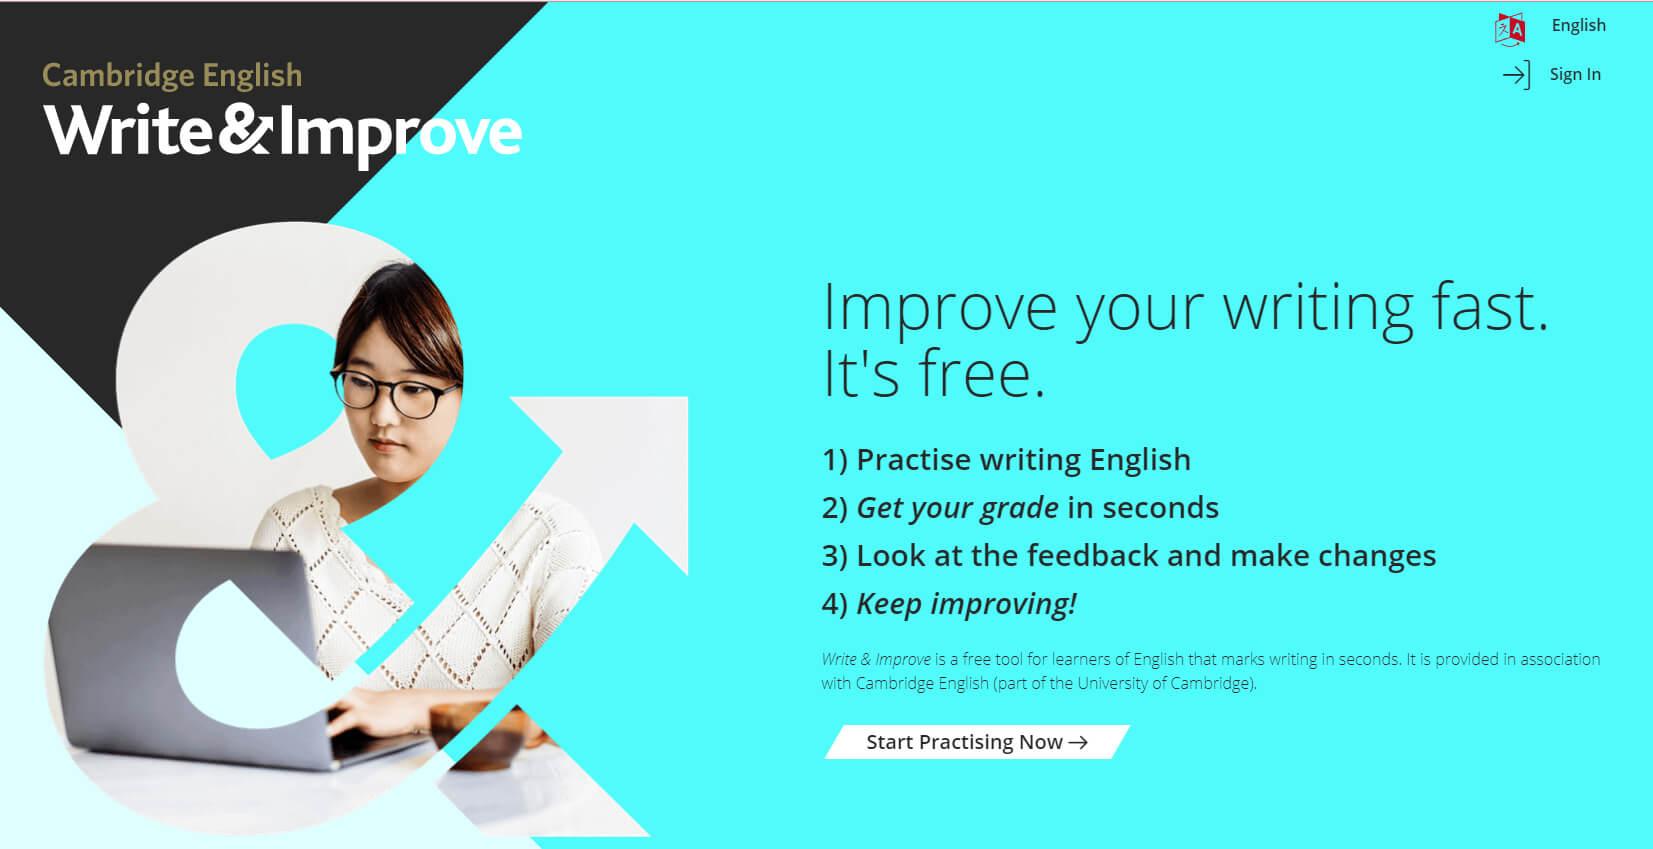 [Phải Biết] Top 8 Trang Web Học Và Sửa IELTS Writing Miễn Phí